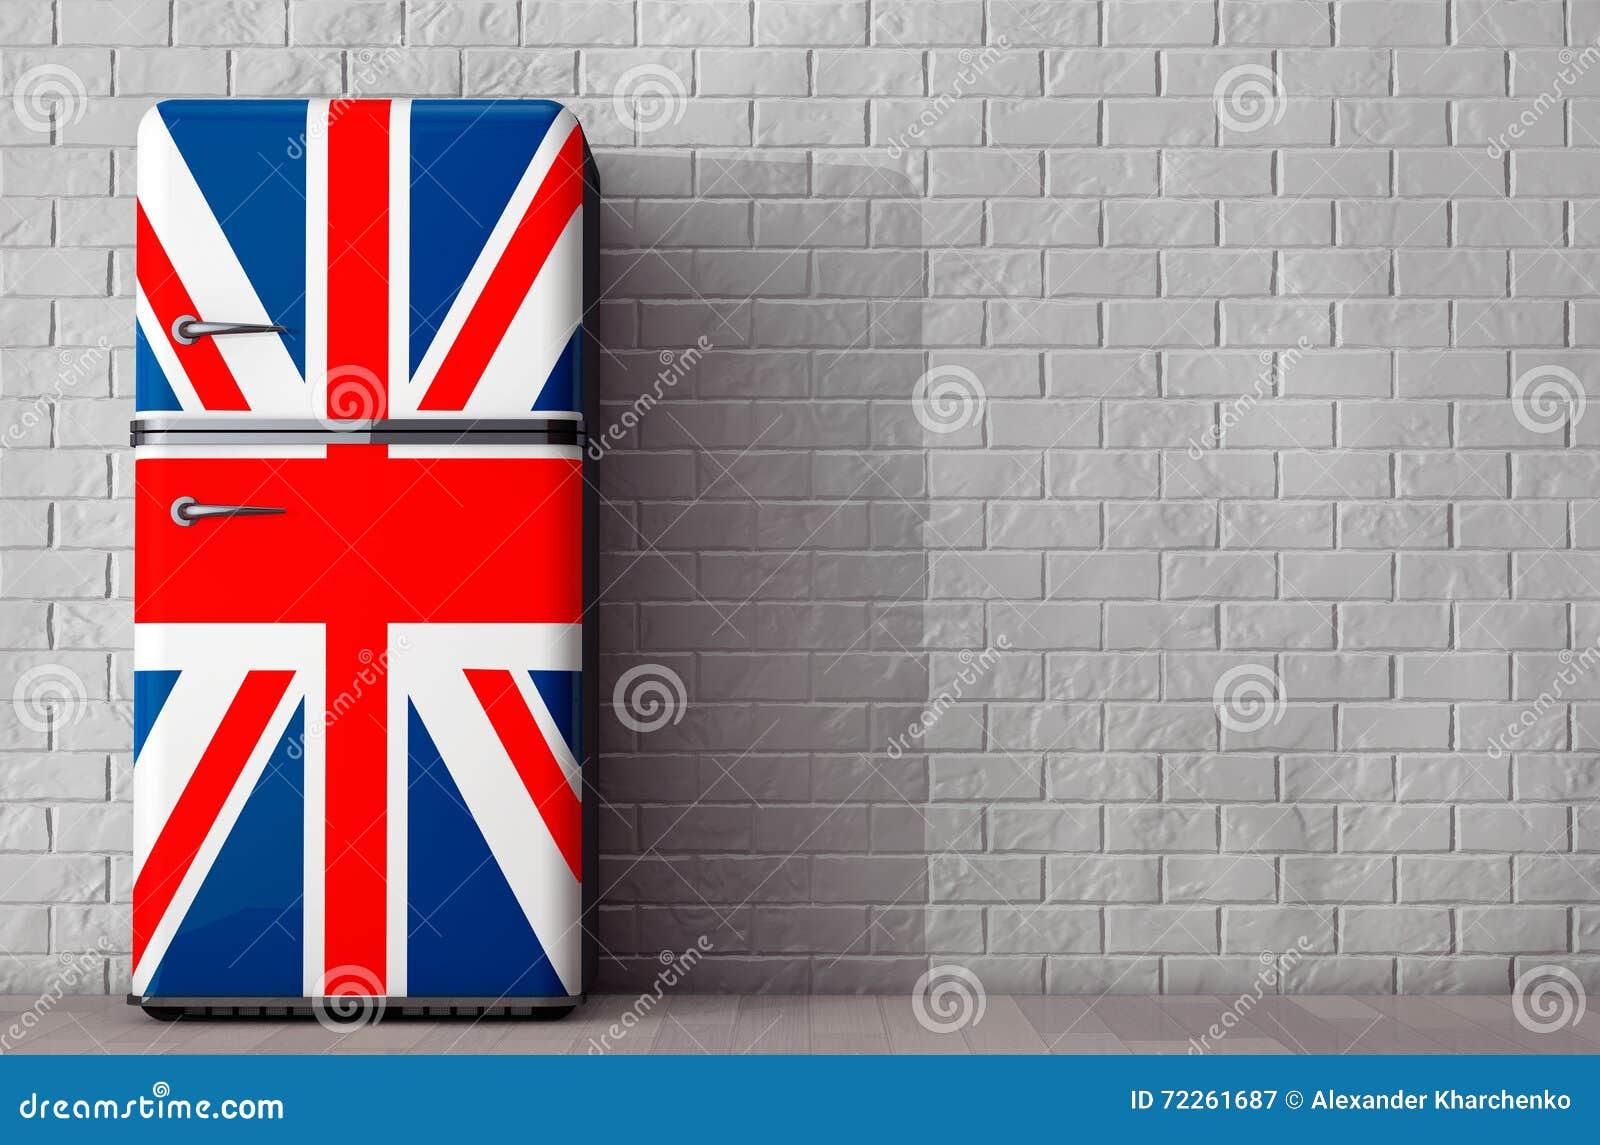 Kühlschrank Usa Retro : Retro kühlschrank mit der britischen flagge wiedergabe 3d stock